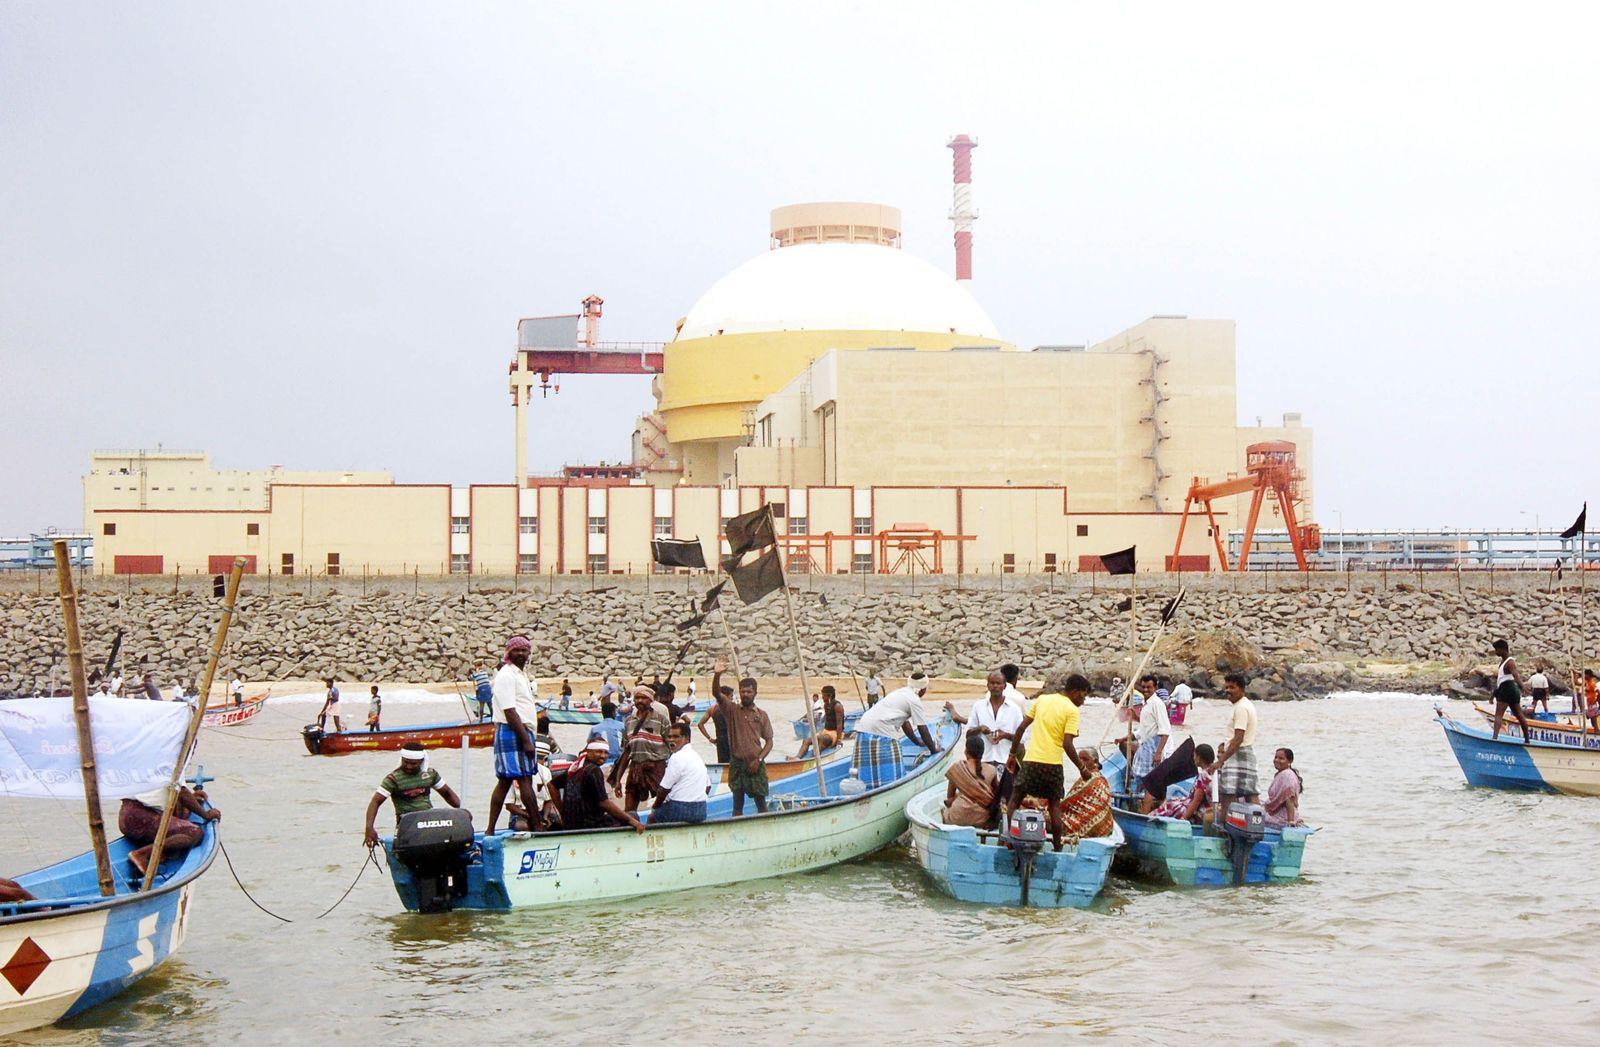 NICHT VERWENDEN SPIN 47/2012 p113 Indien